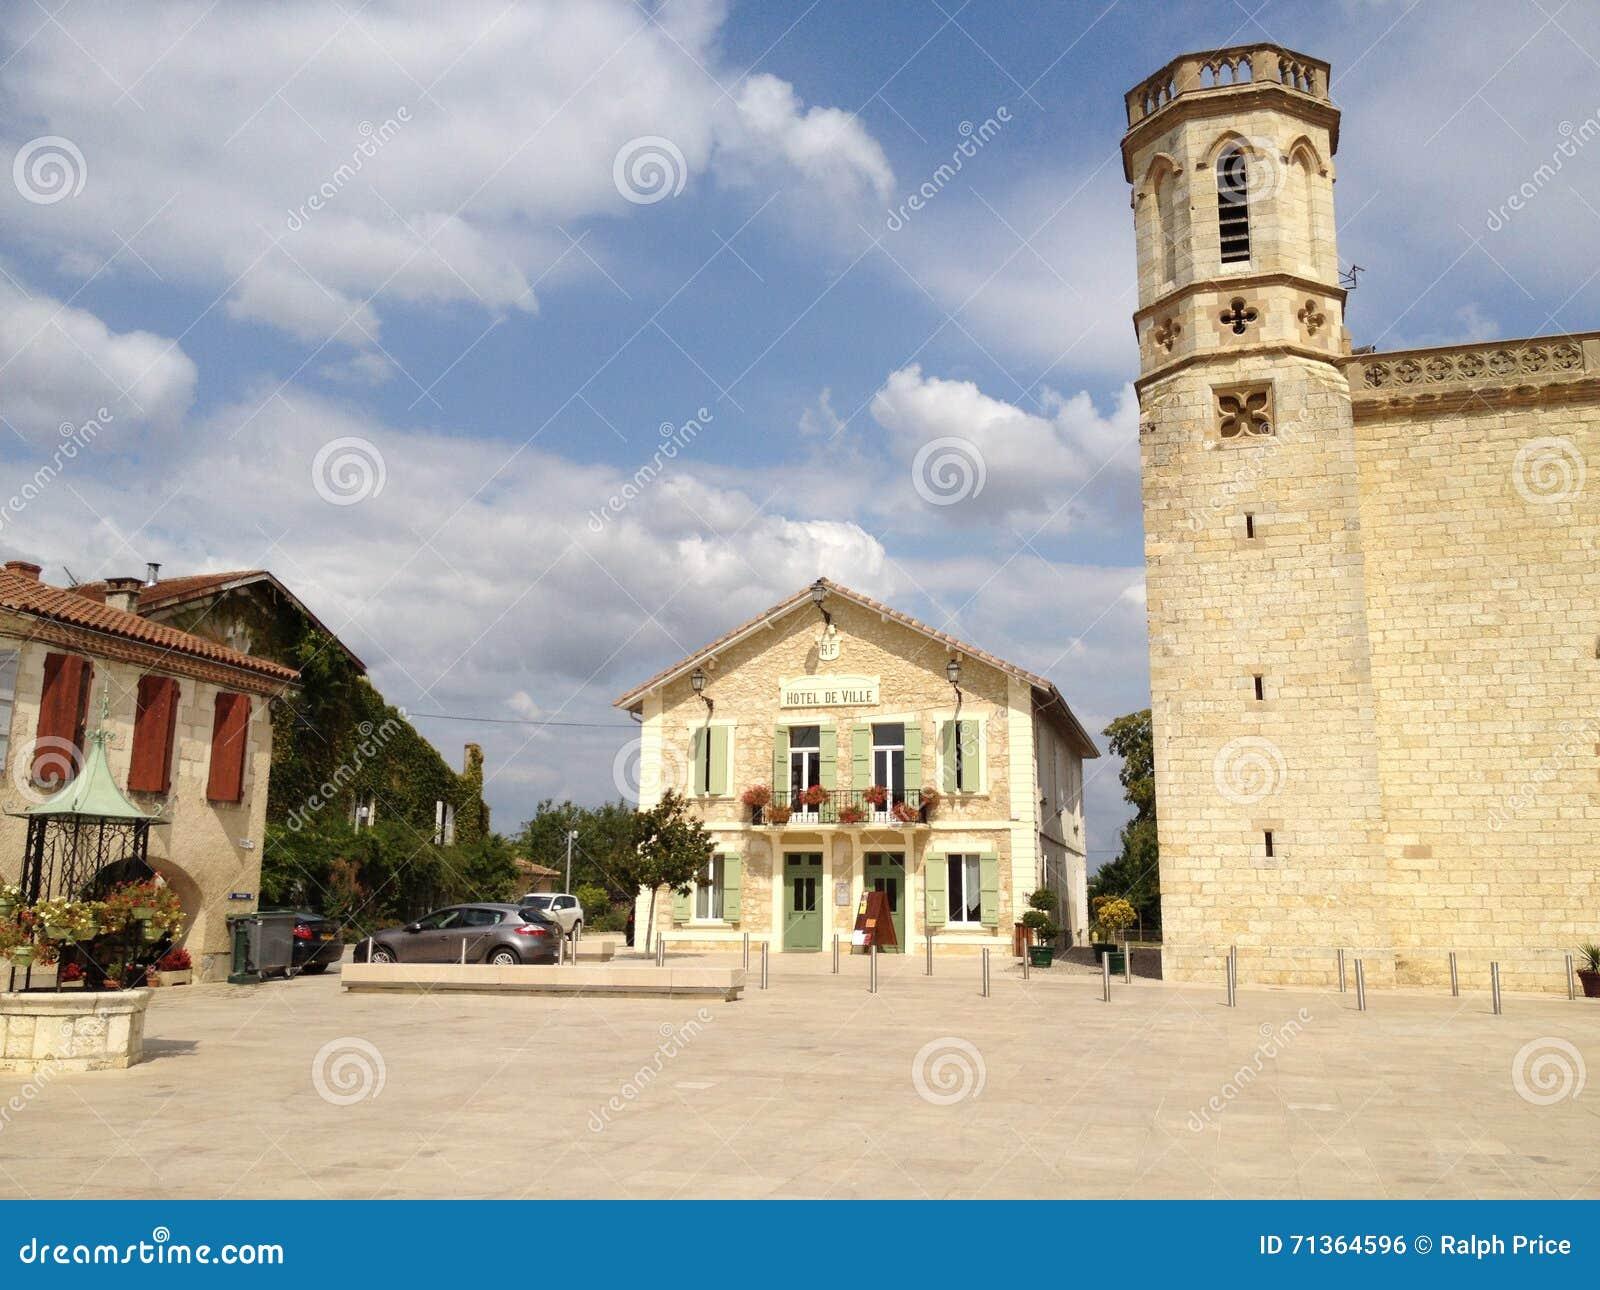 Гостиница de Ville, значность-sur-Baïse, Франция